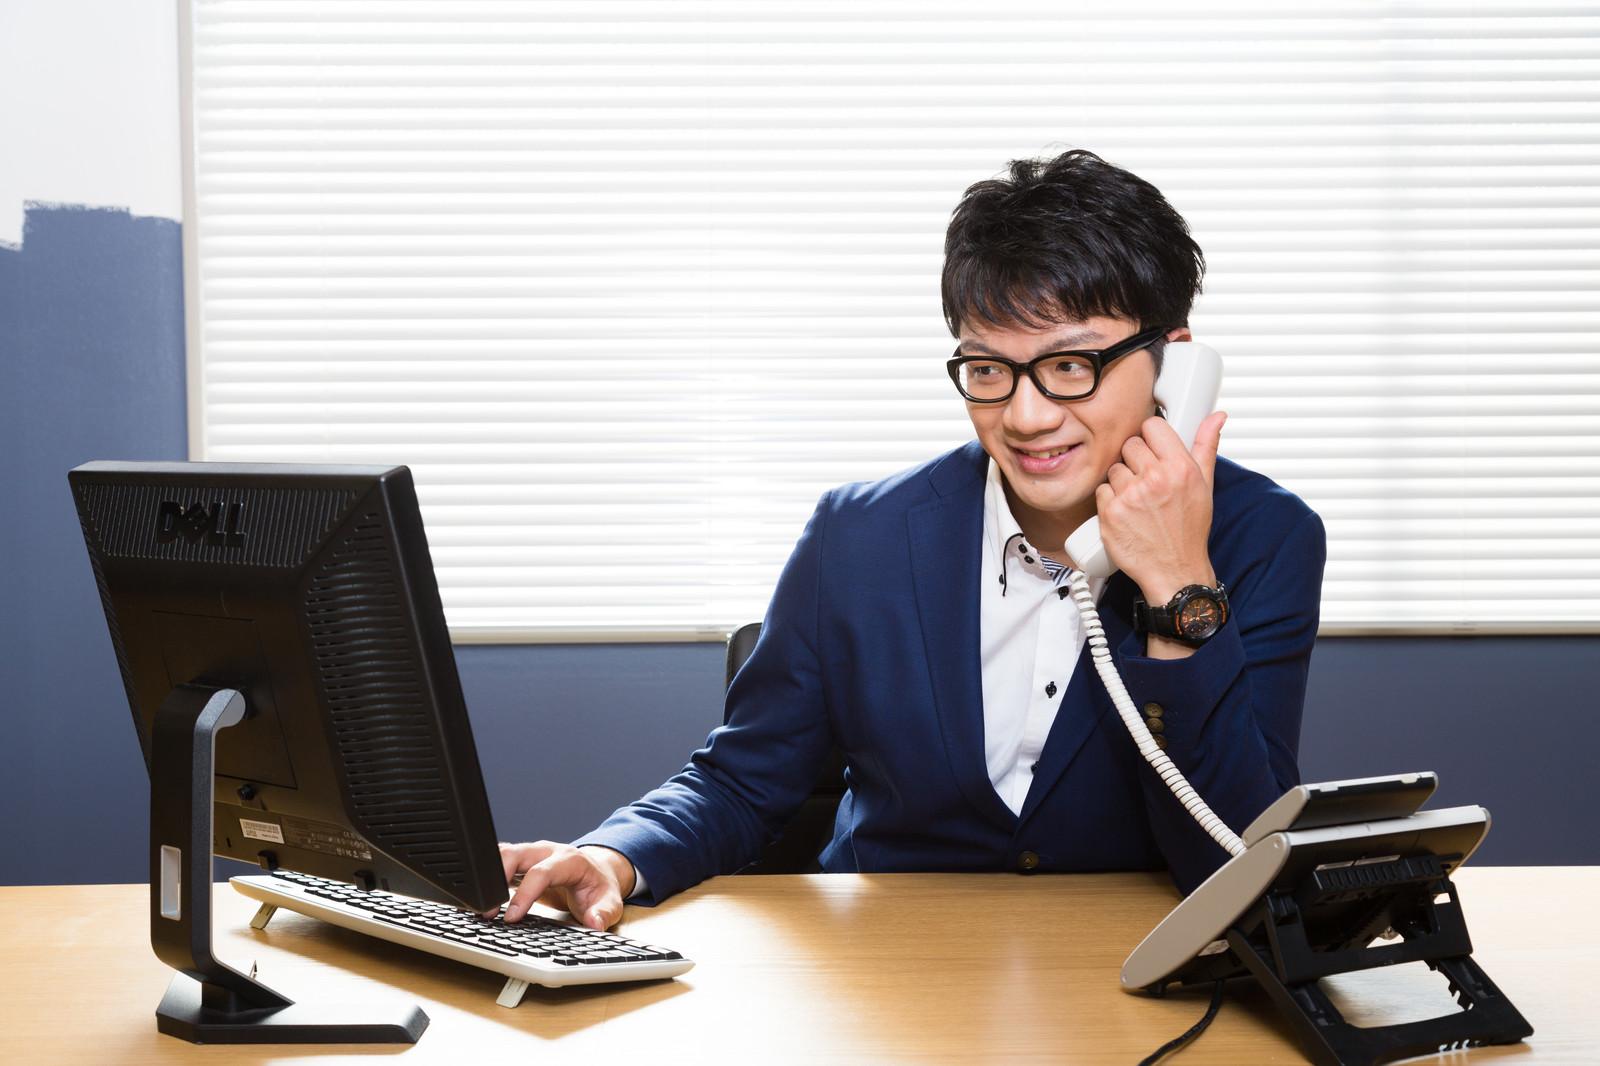 不動産投資を勧める営業電話って、実際儲かるの?